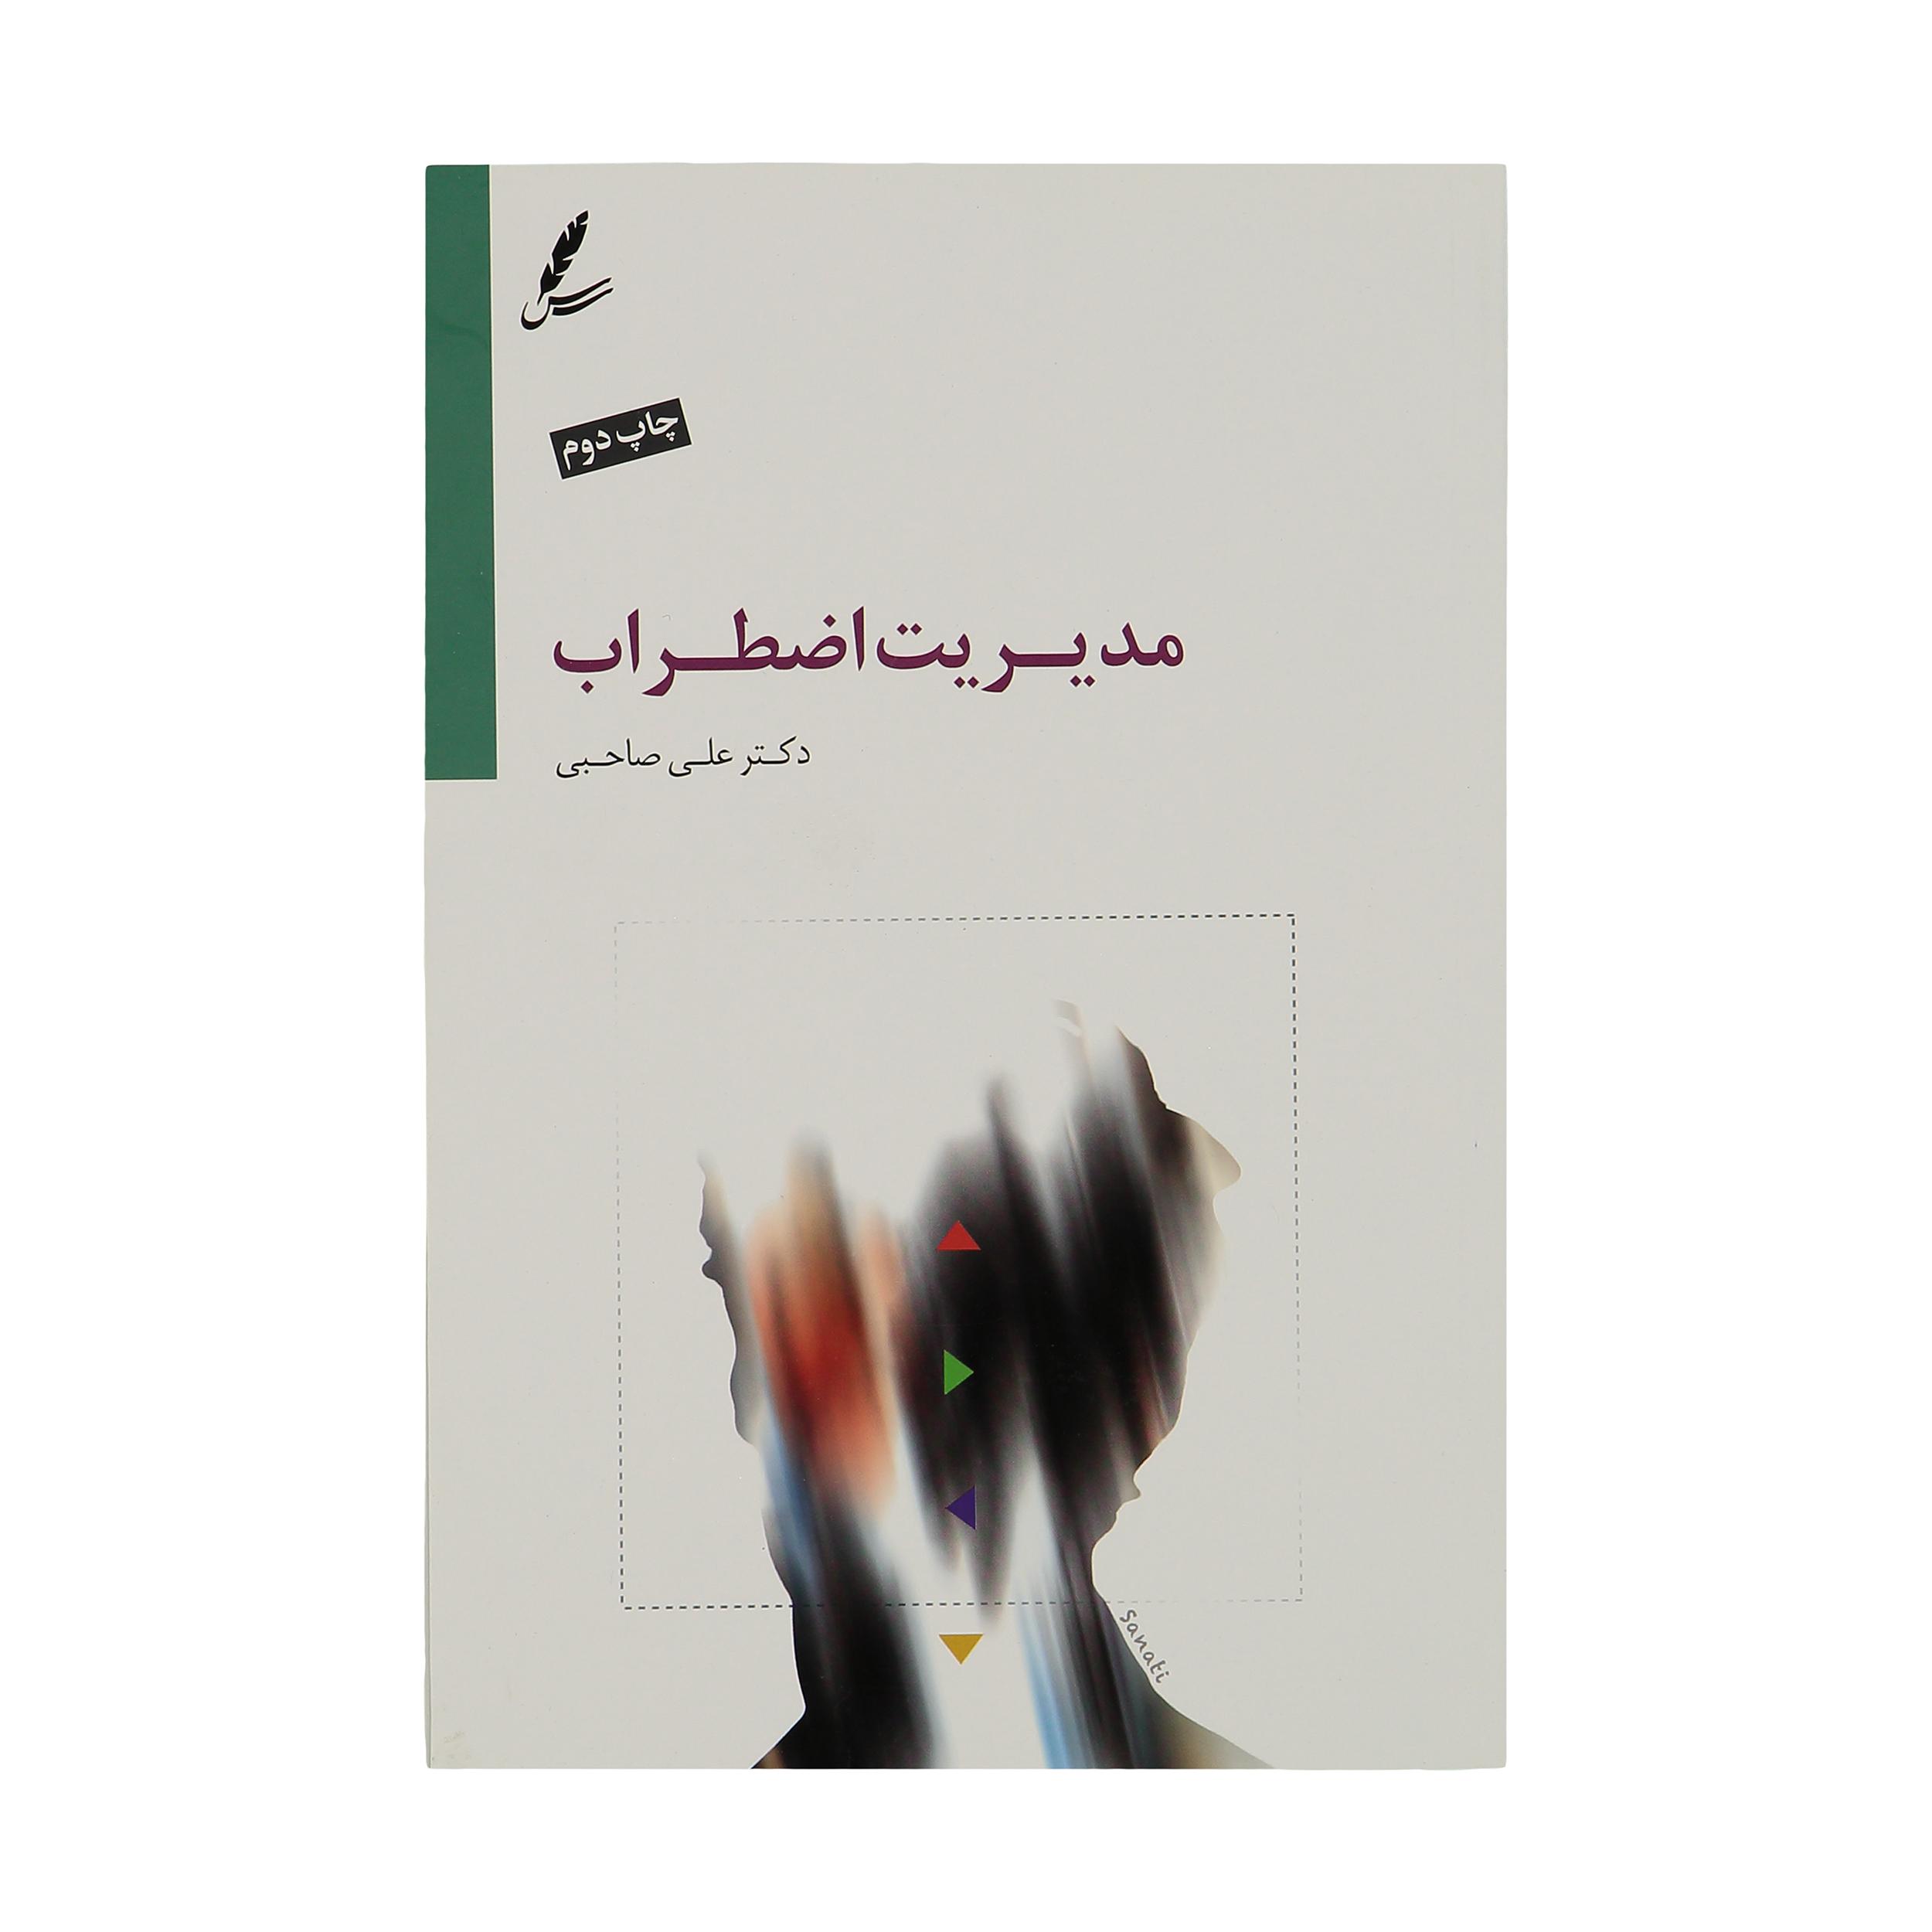 کتاب مدیریت اضطراب اثر دکتر علی صاحبی